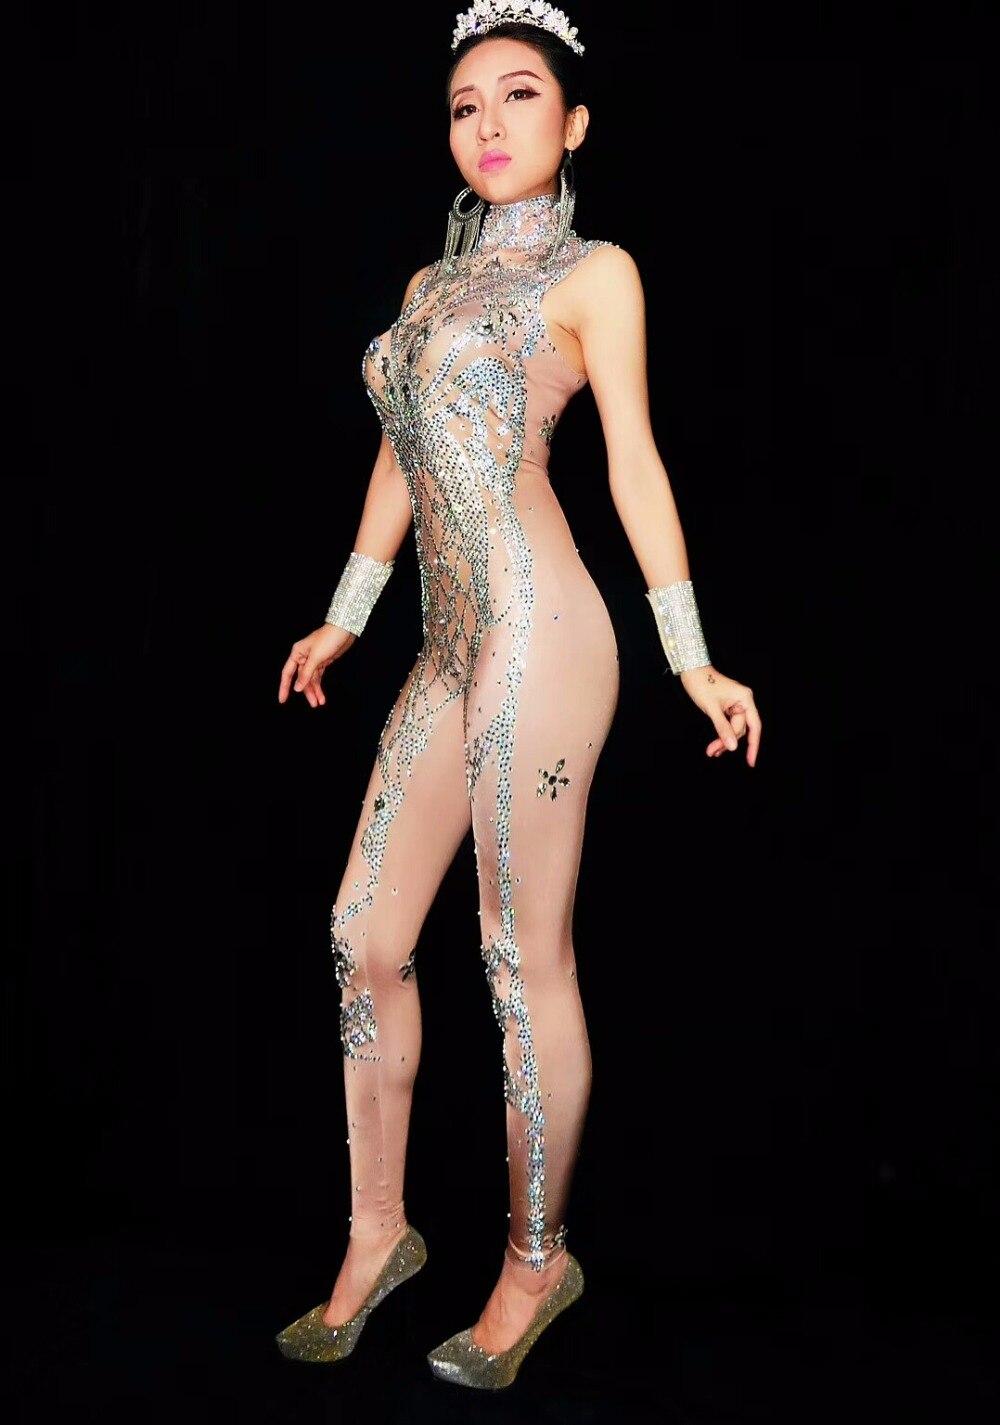 Bracelet Brillant Salopette Barboteuses Diamant Stage Porter Performance Sexy Jumpsuit Pierre Cristal Justaucorps Discothèque Costume Femelle Mousseux Partie Uw4In01qa